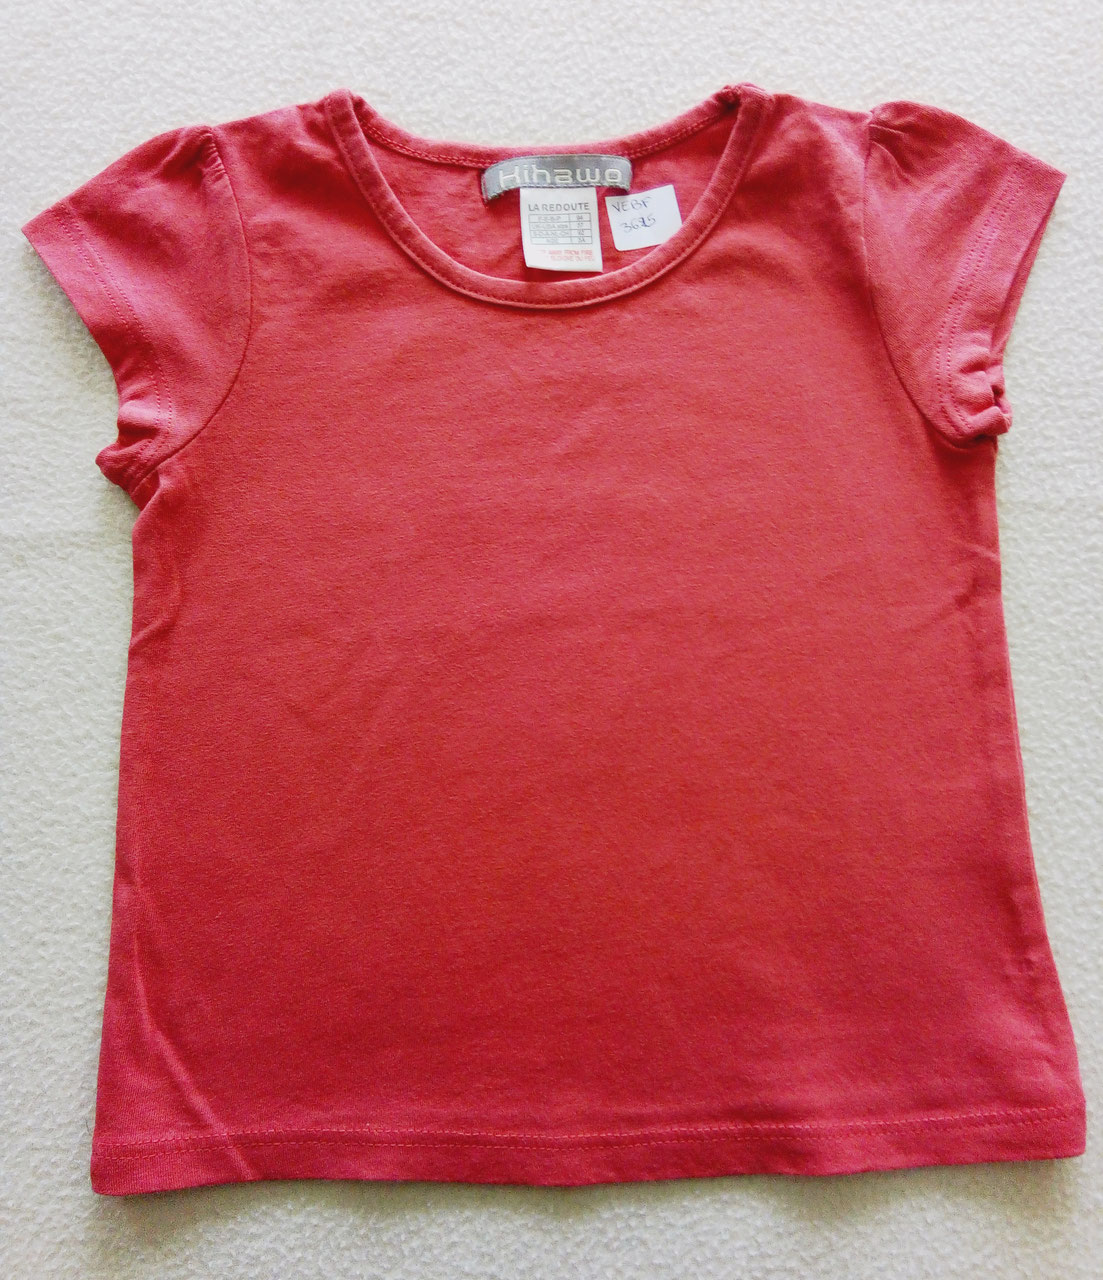 07c0abc958803 T-shirt fille 3 ans - Chipettes-et-Galopins,Vêtements Occasion Enfants